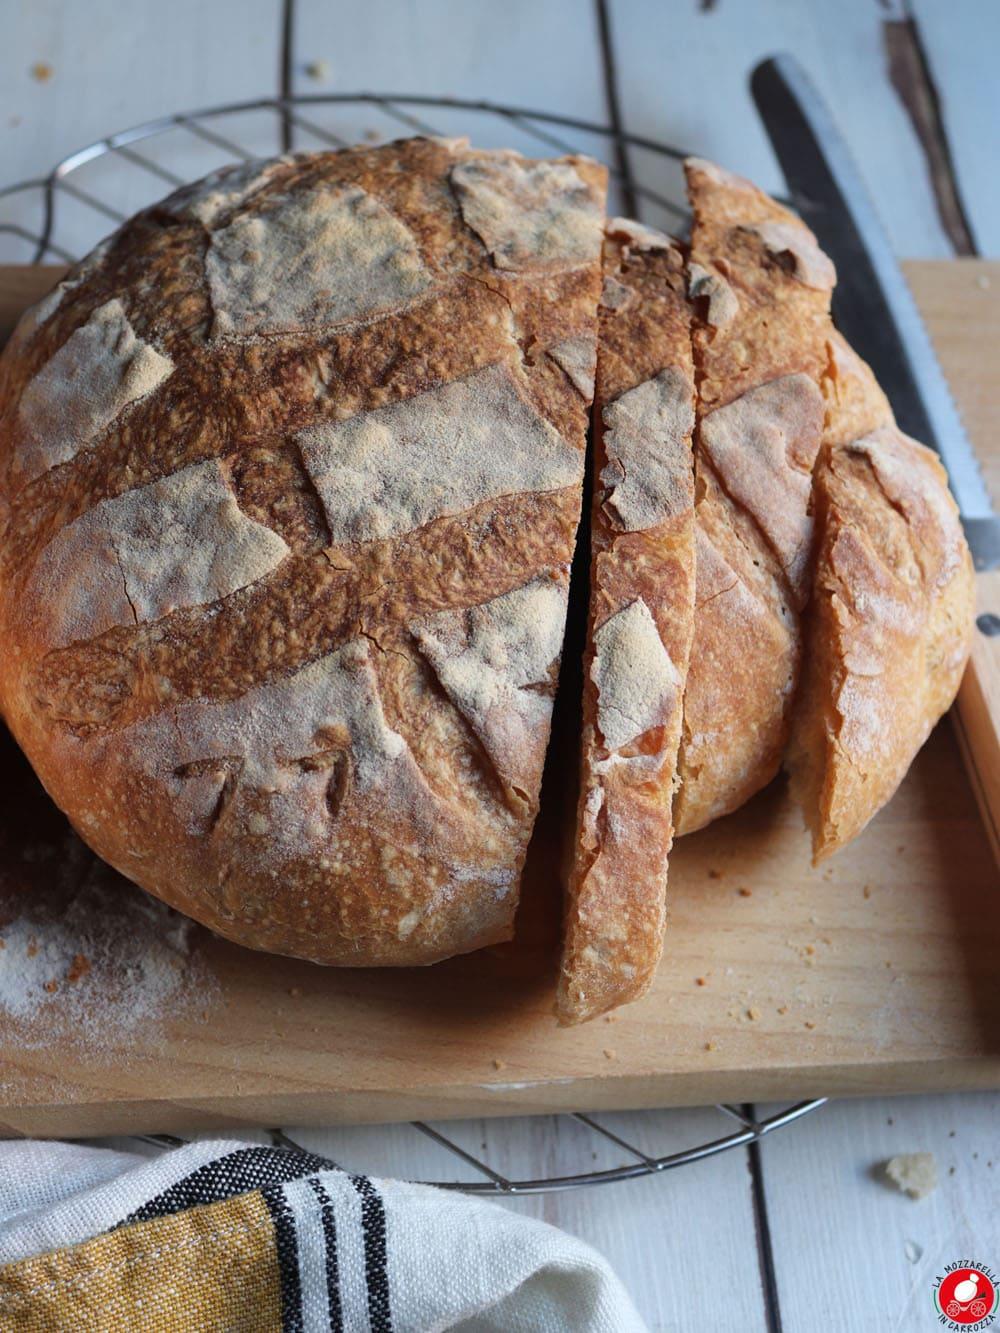 La Mozzarella In Carrozza - Pane fatto in casa